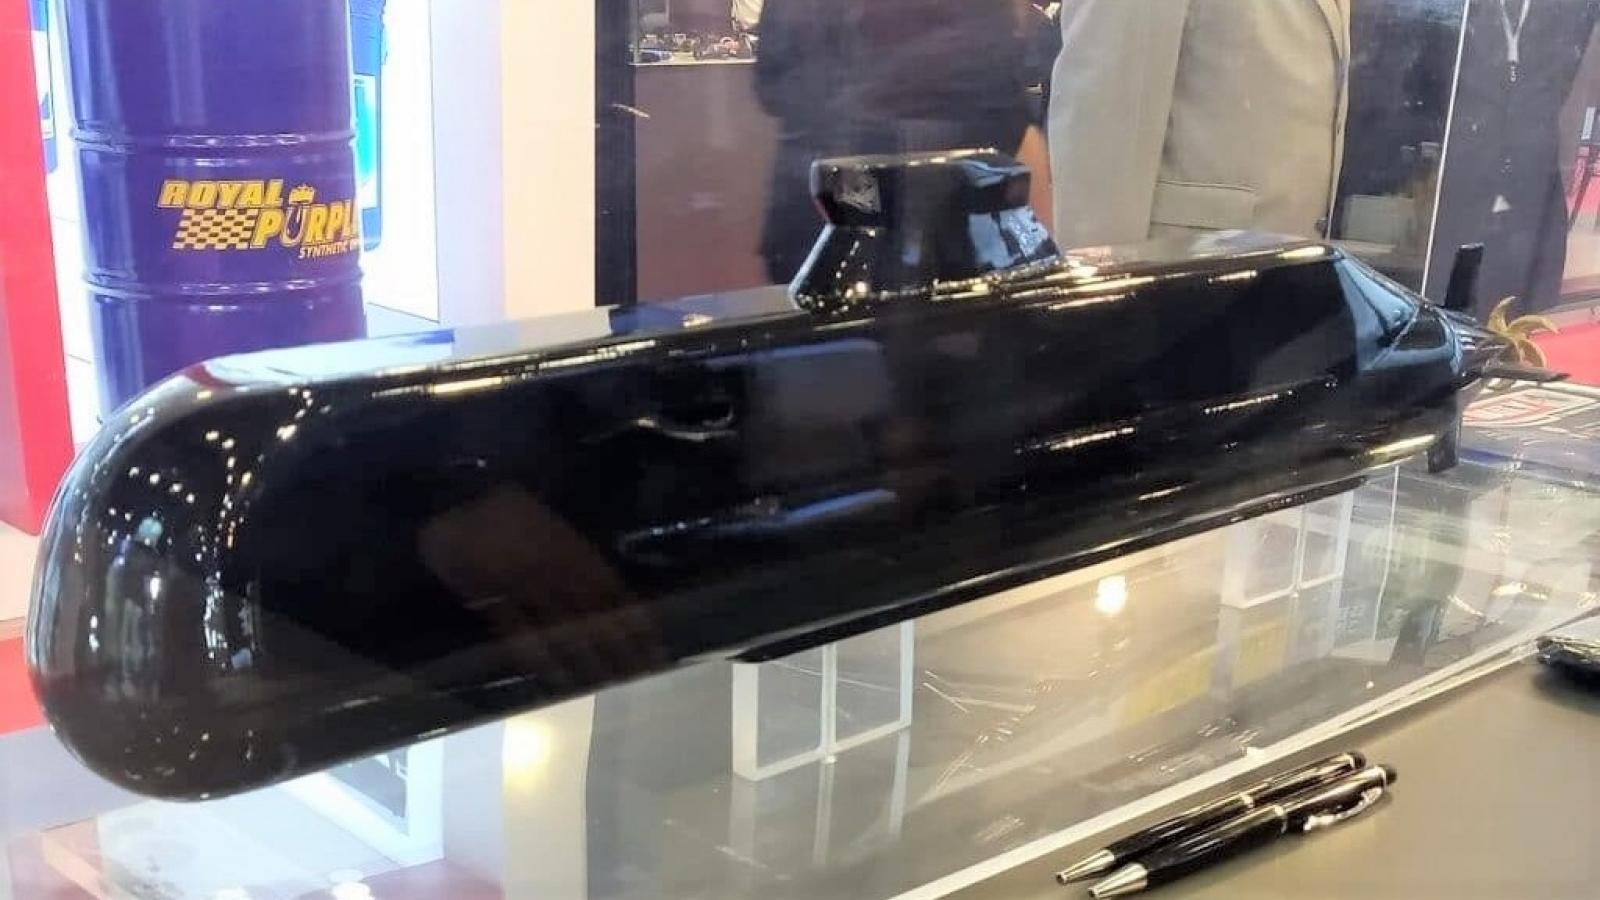 Ba mẫu tàu ngầm mới đáng chú ý của Thổ Nhĩ Kỳ